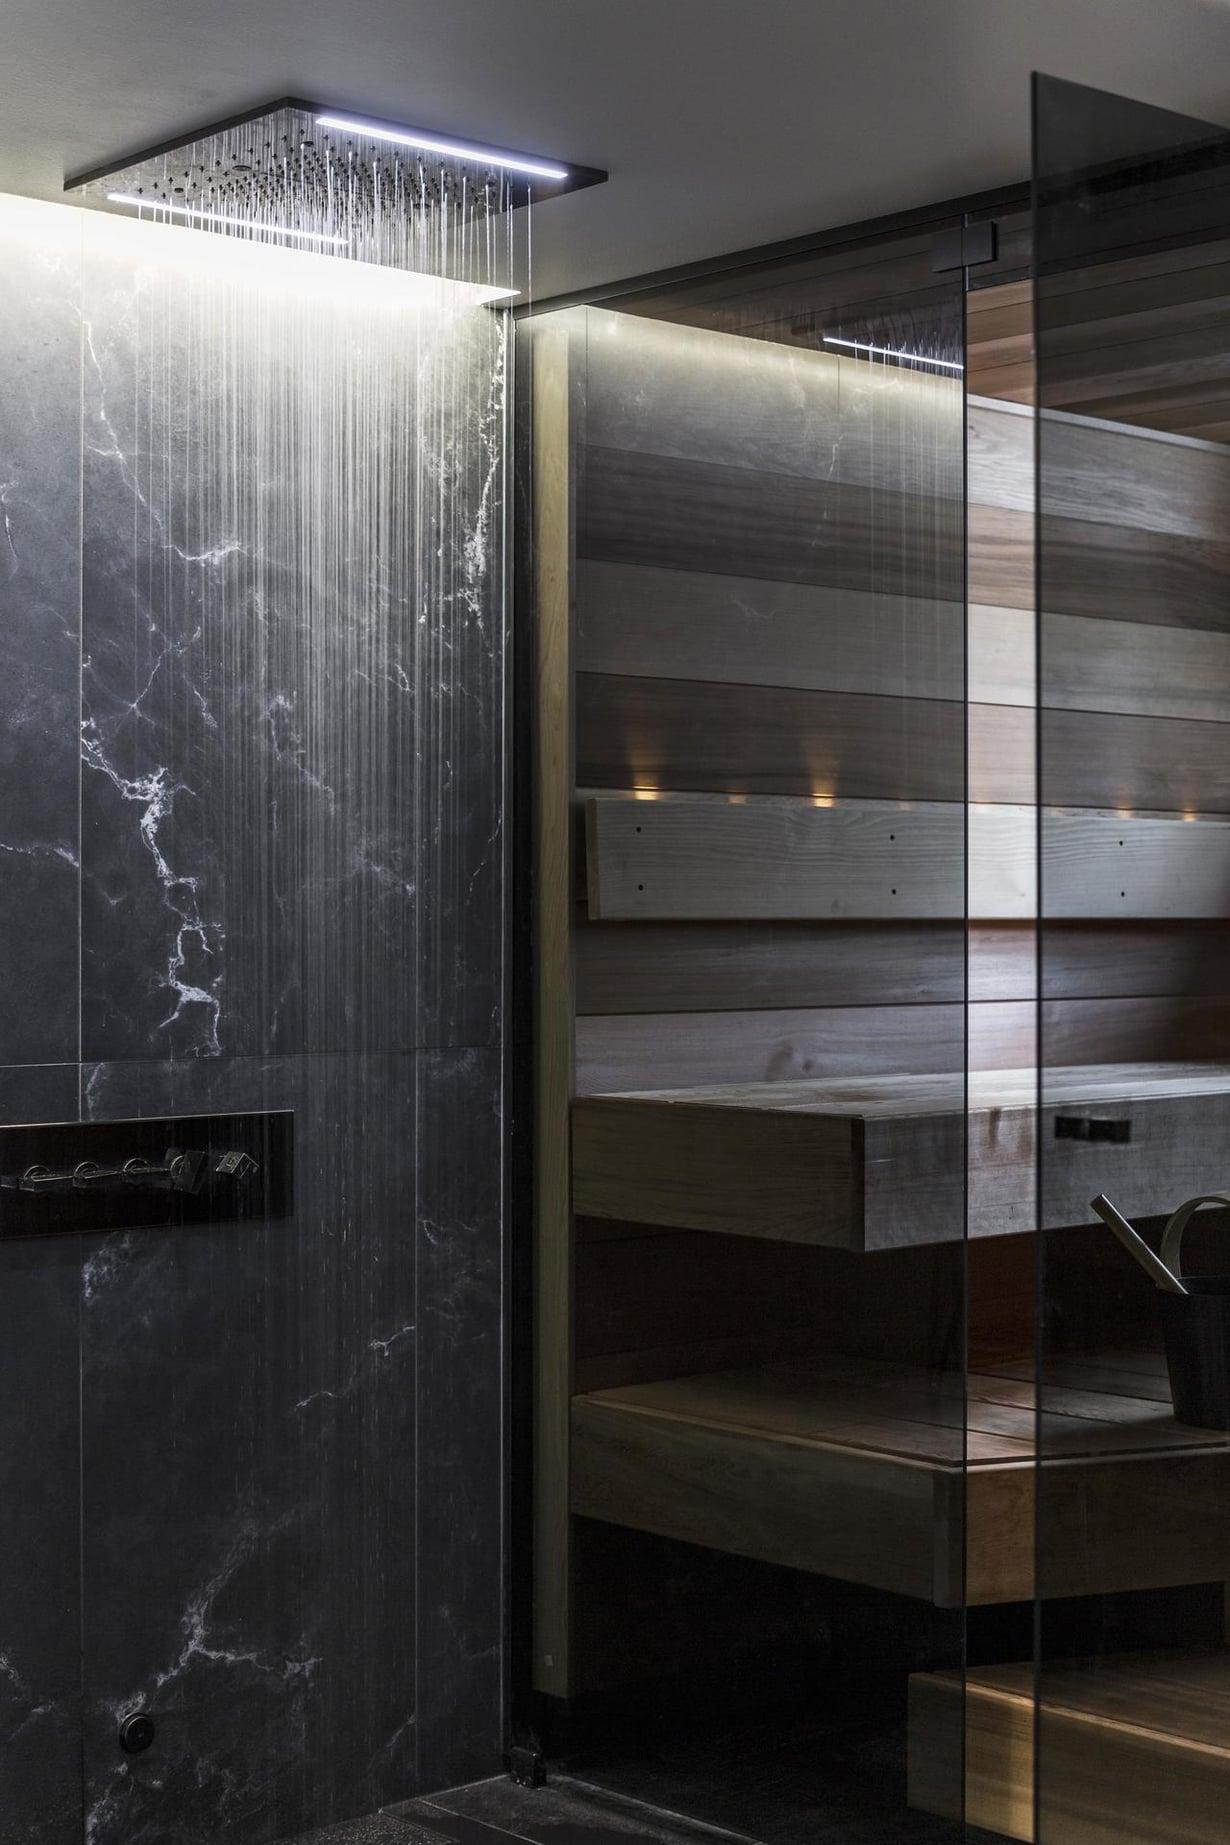 Heini suunnitteli erityisen tarkkaan kylpytilojen valaistuksen. Kattoon upotettiin voimakkaasti valaiseva ja himmennettävä LED-valolista.